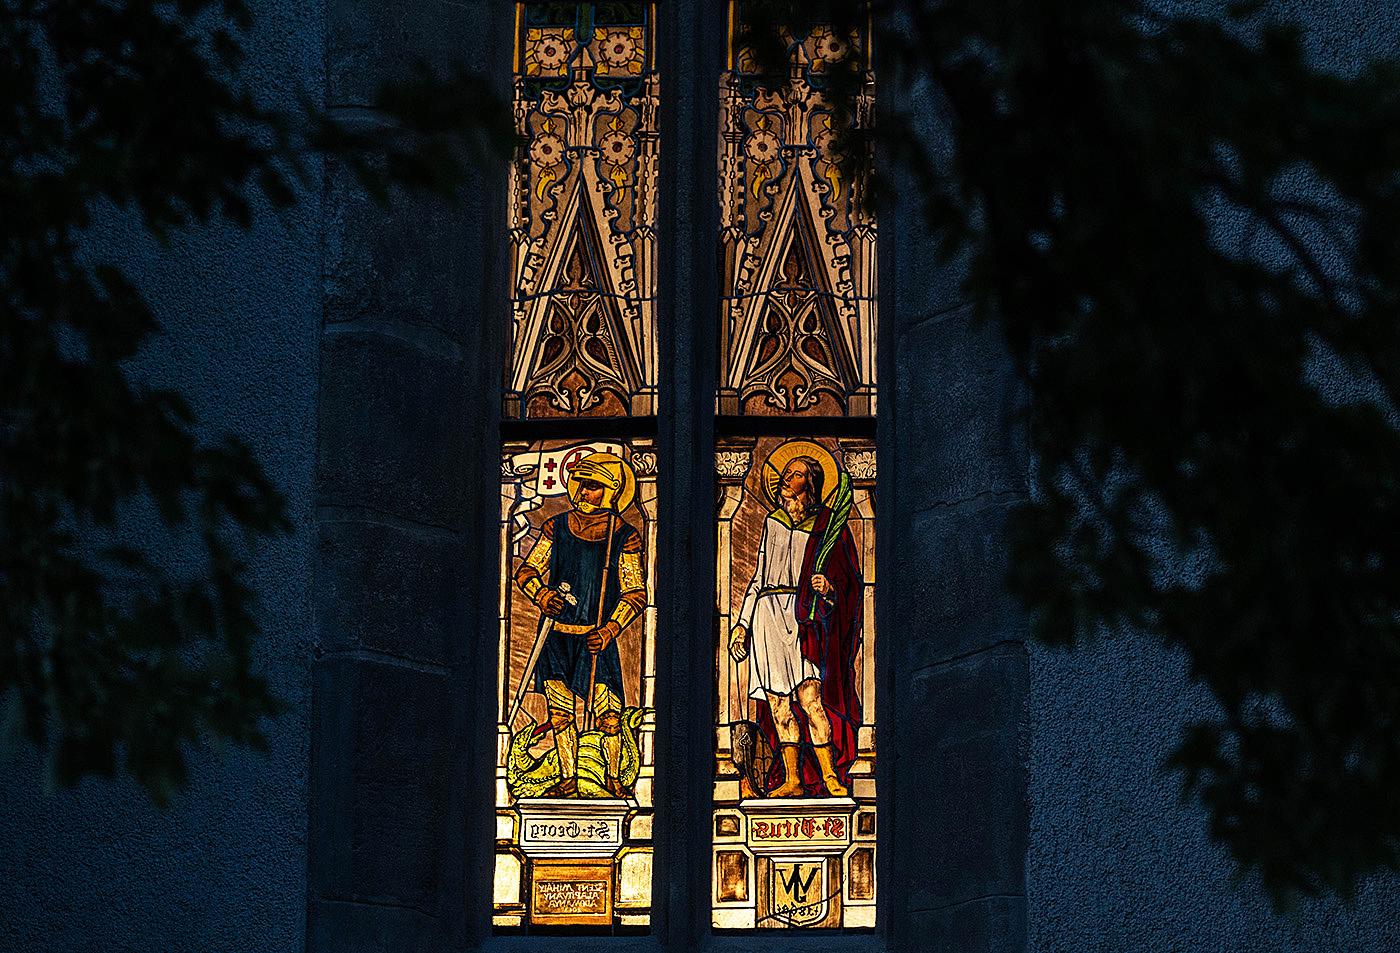 A soproni Szent Mihály-templom újraszentelése. Fotó Botár Gergely.